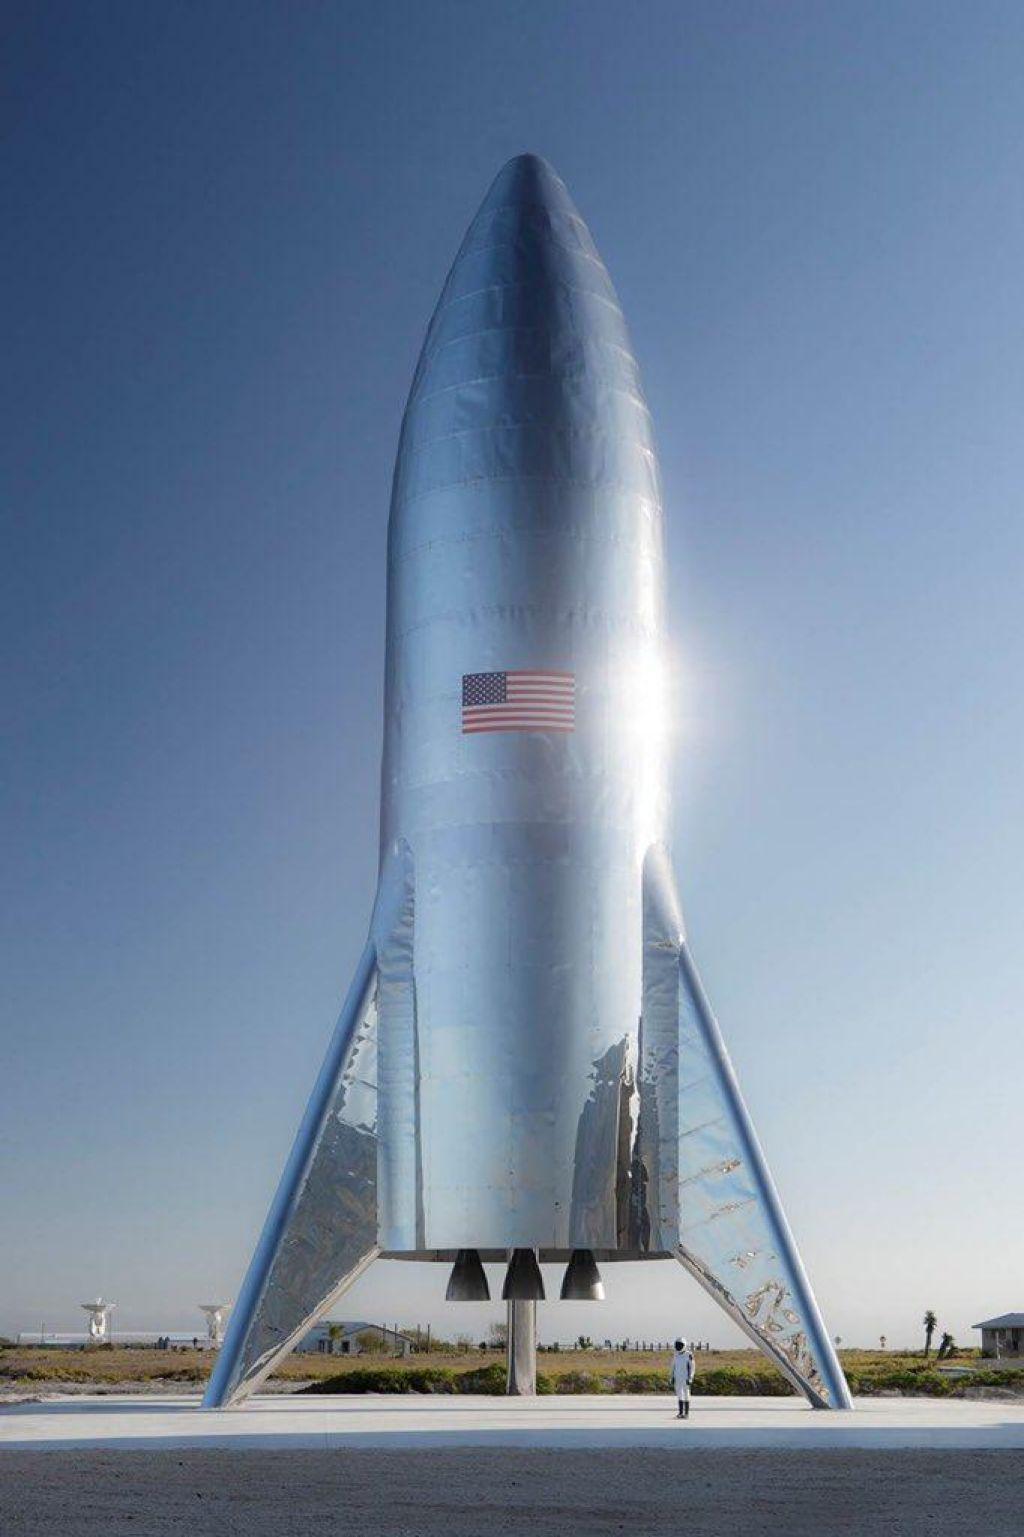 Musk predstavil bleščečo Zvezdno vesoljsko ladjo (VIDEO)